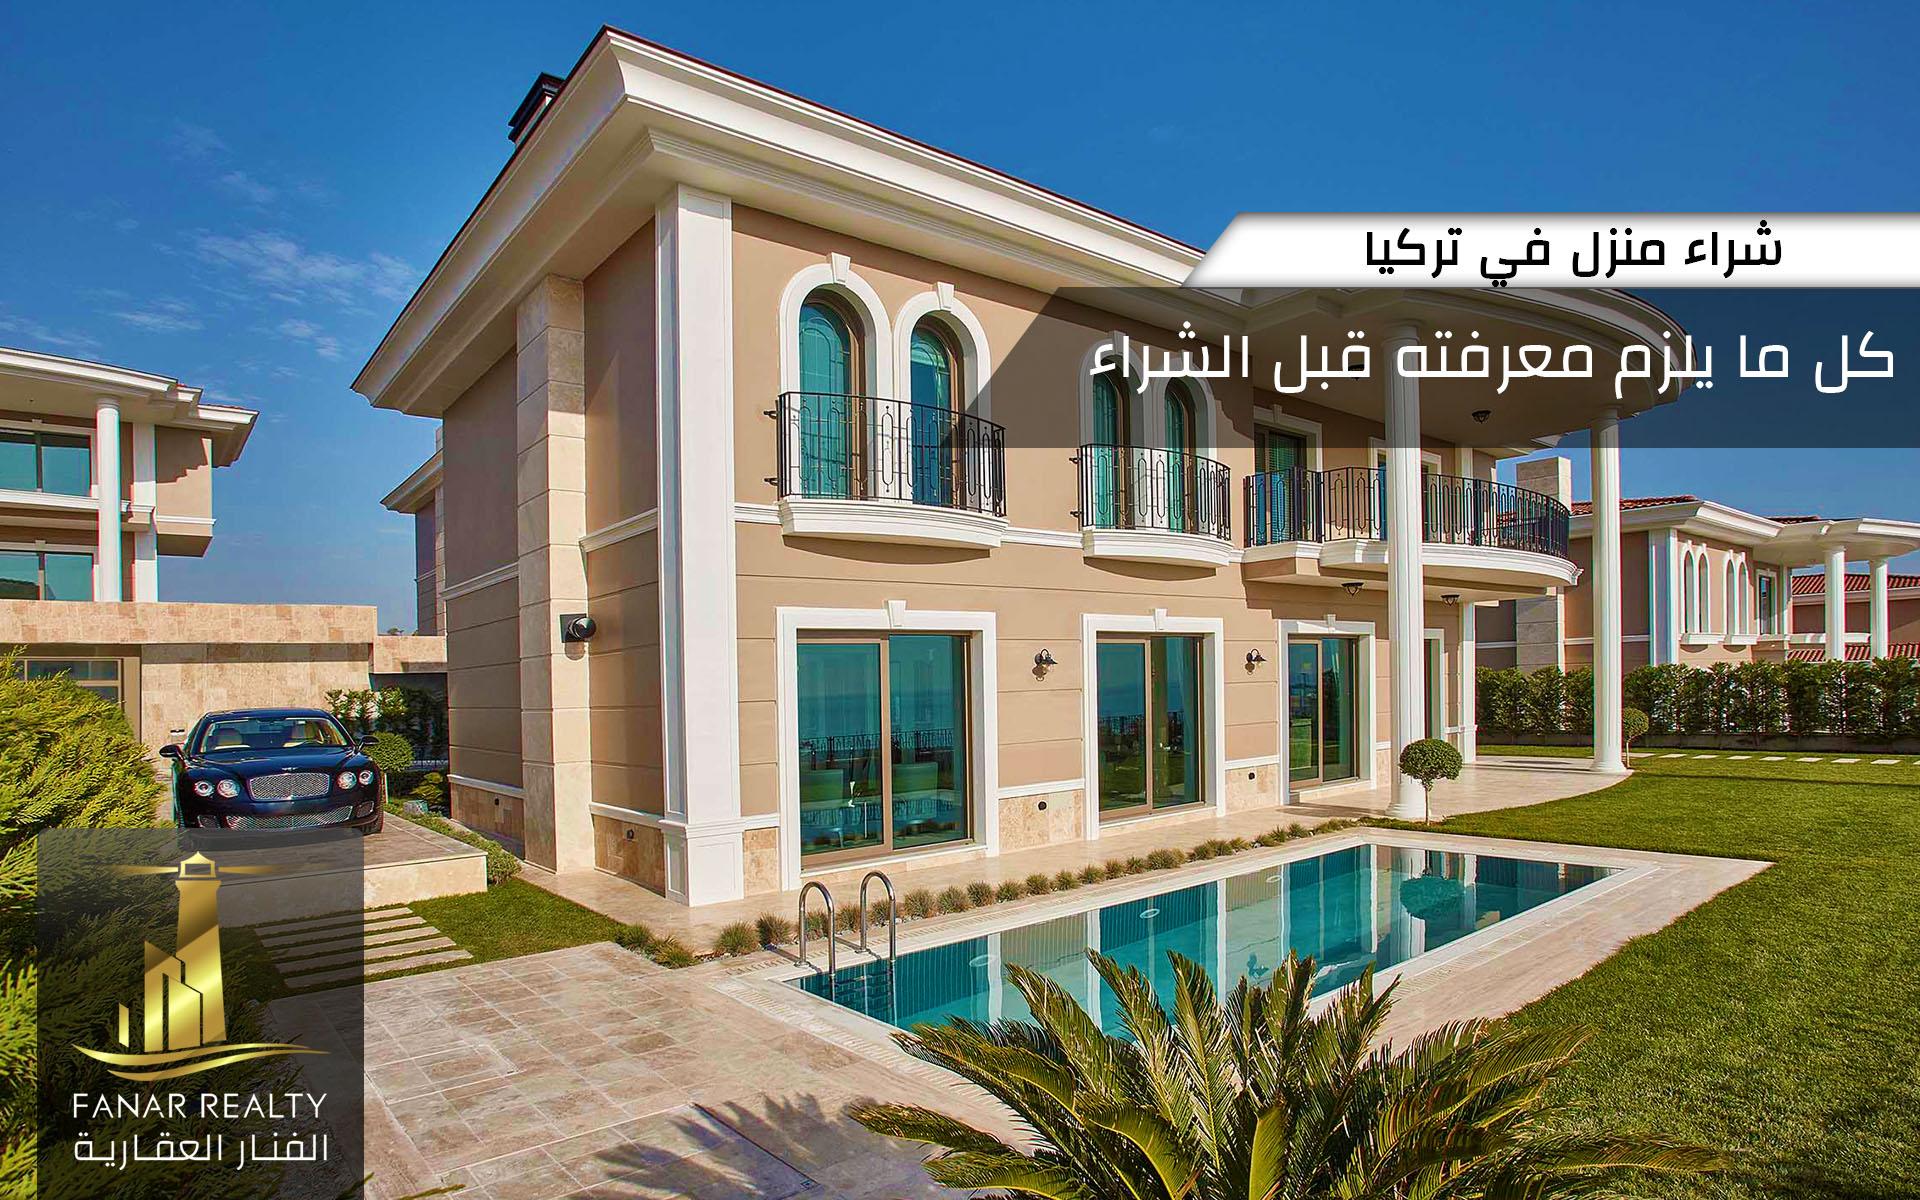 3d70d63ae6b79 شراء منزل في تركيا – كل ما يلزم معرفته قبل الشراء